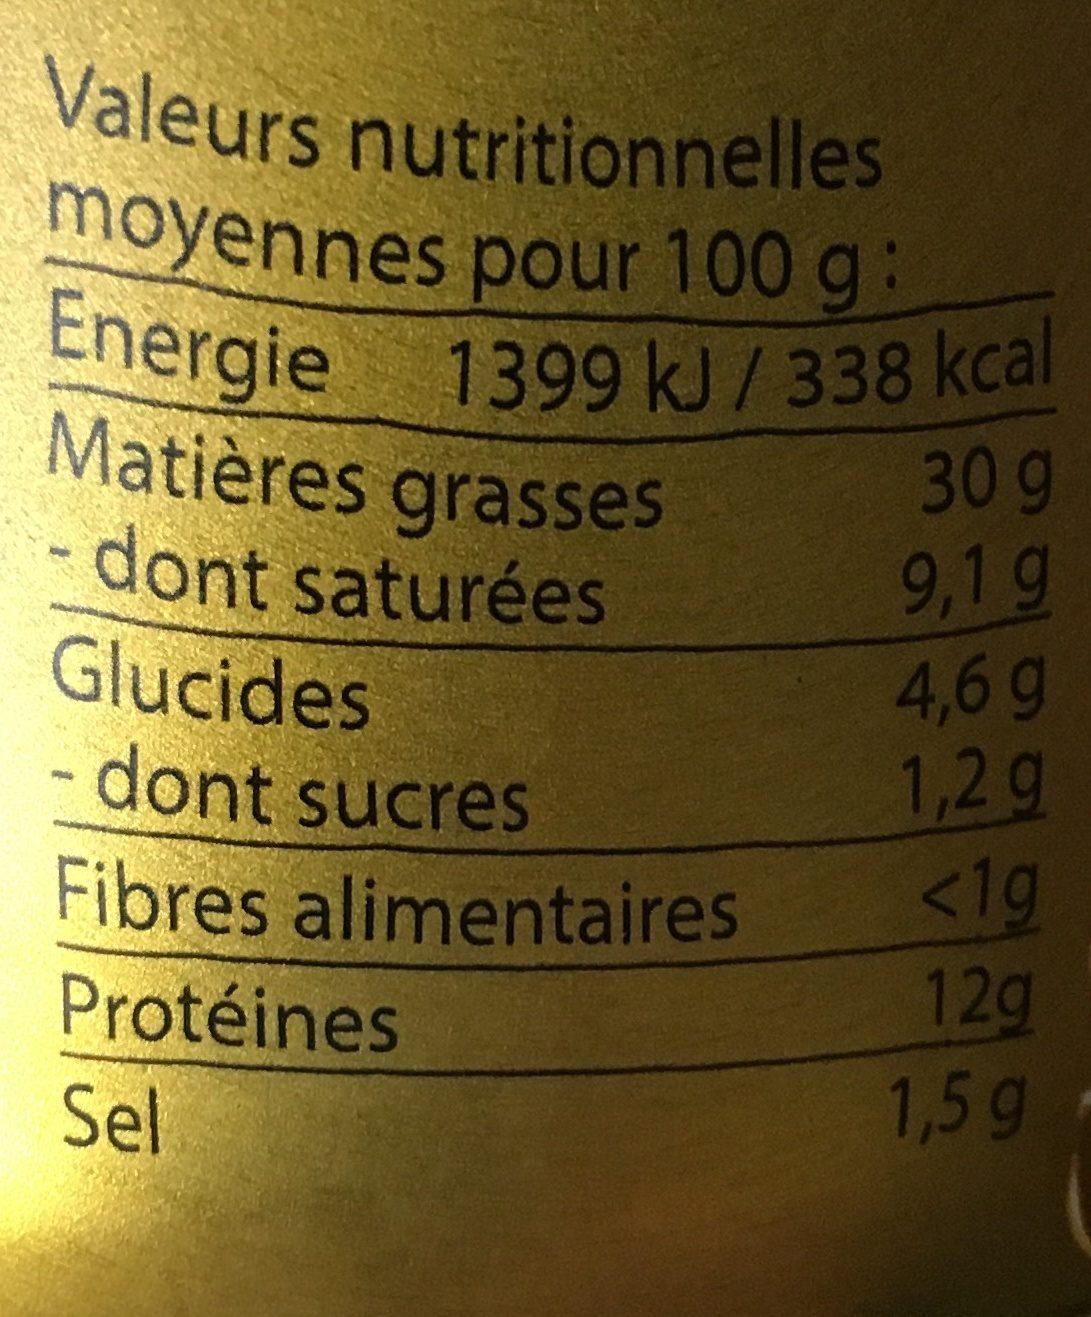 Pâté doré de campagne - Nutrition facts - fr